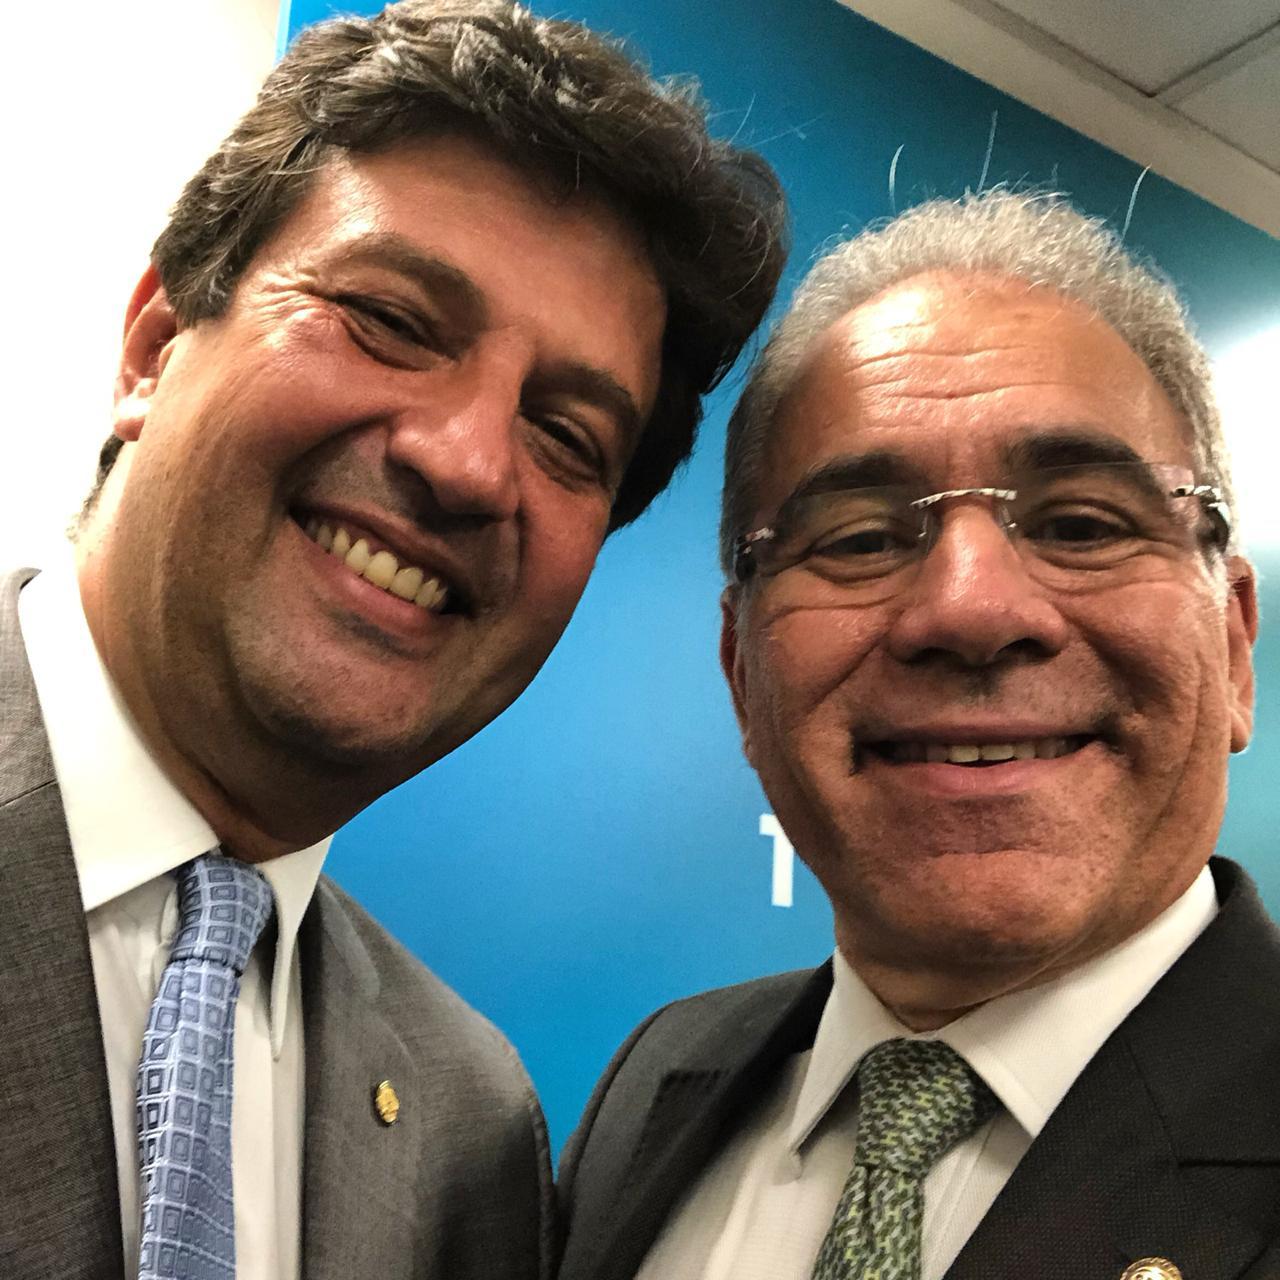 WhatsApp Image 2018 11 22 at 3.28.29 PM 1 - 'CONFIANÇA': Paraibano cotado para Ministério da saúde diz que é amigo do indicado por Bolsonaro e irá apoiá-lo na pasta